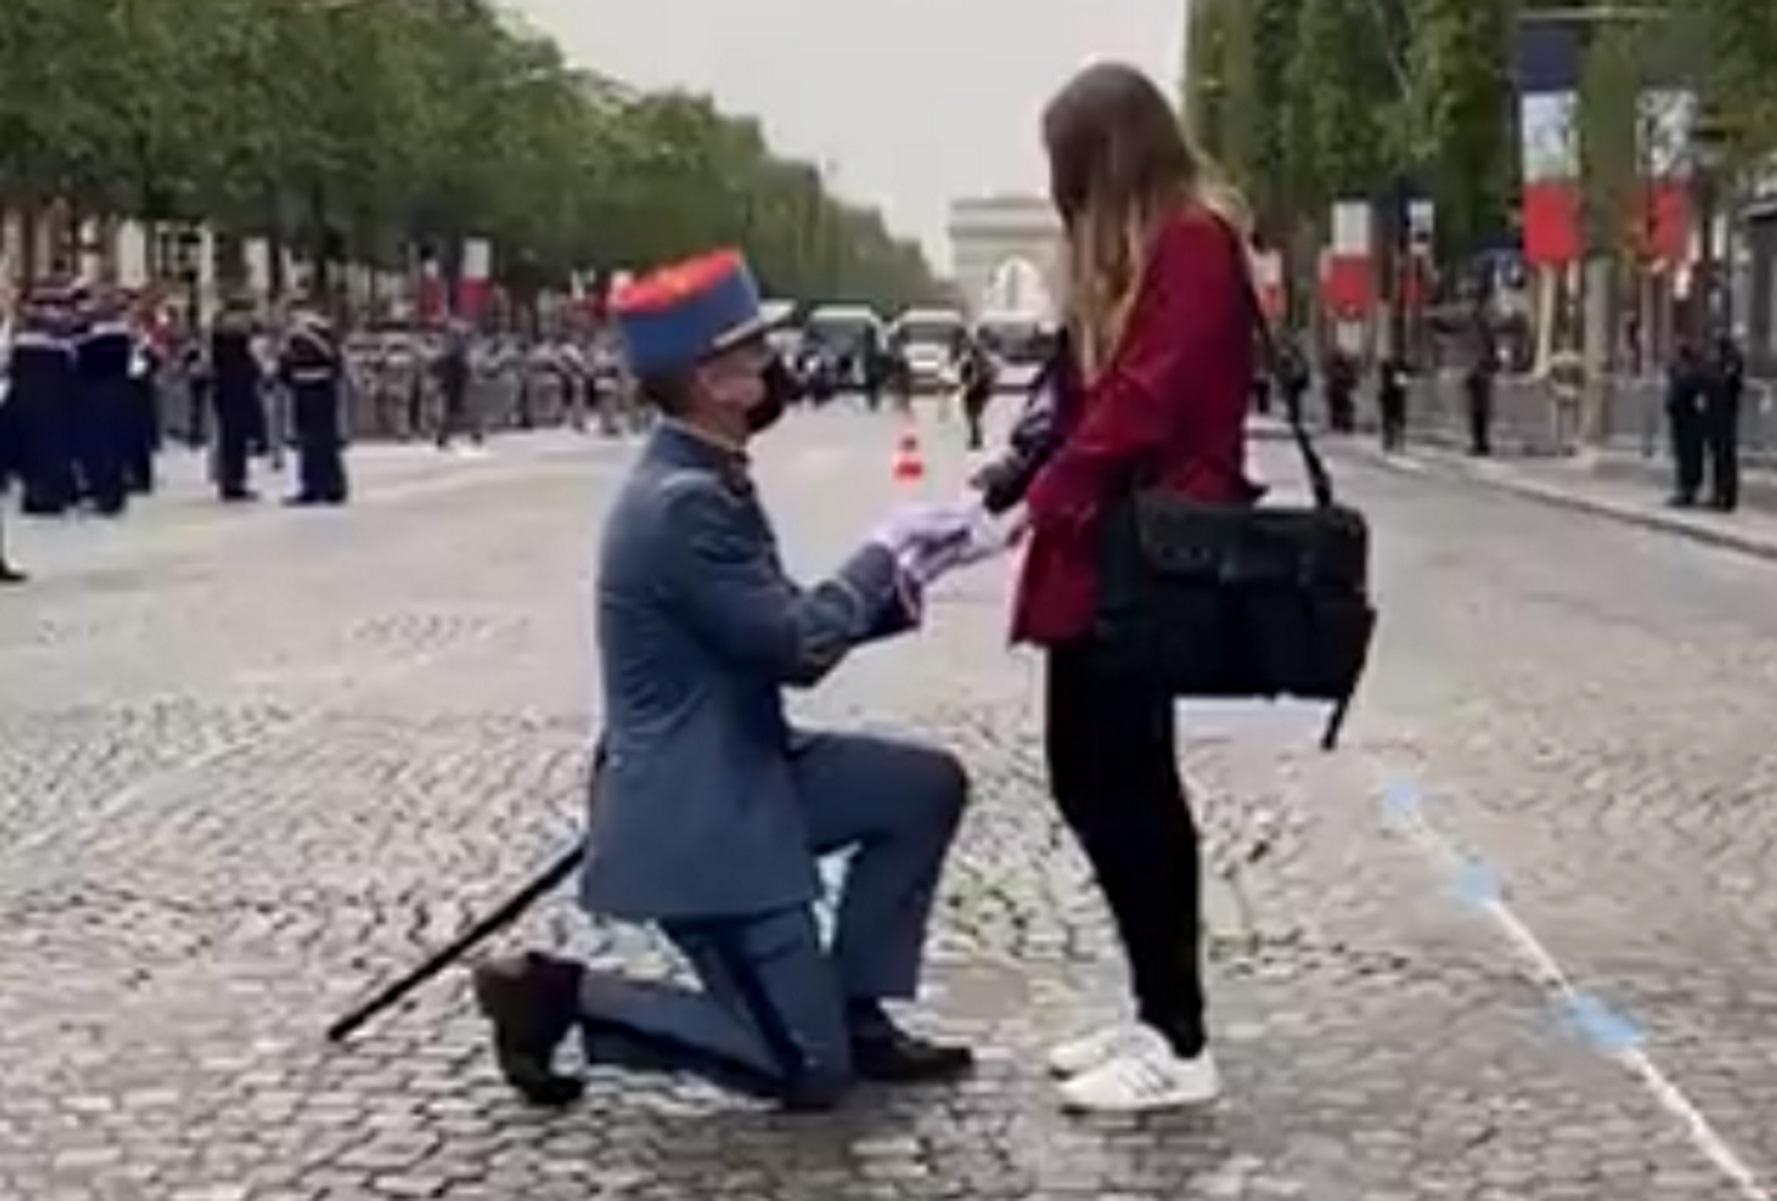 Γαλλία: Στρατιώτης έκανε πρόταση γάμου στην αγαπημένη του στην παρέλαση για τη Βαστίλη